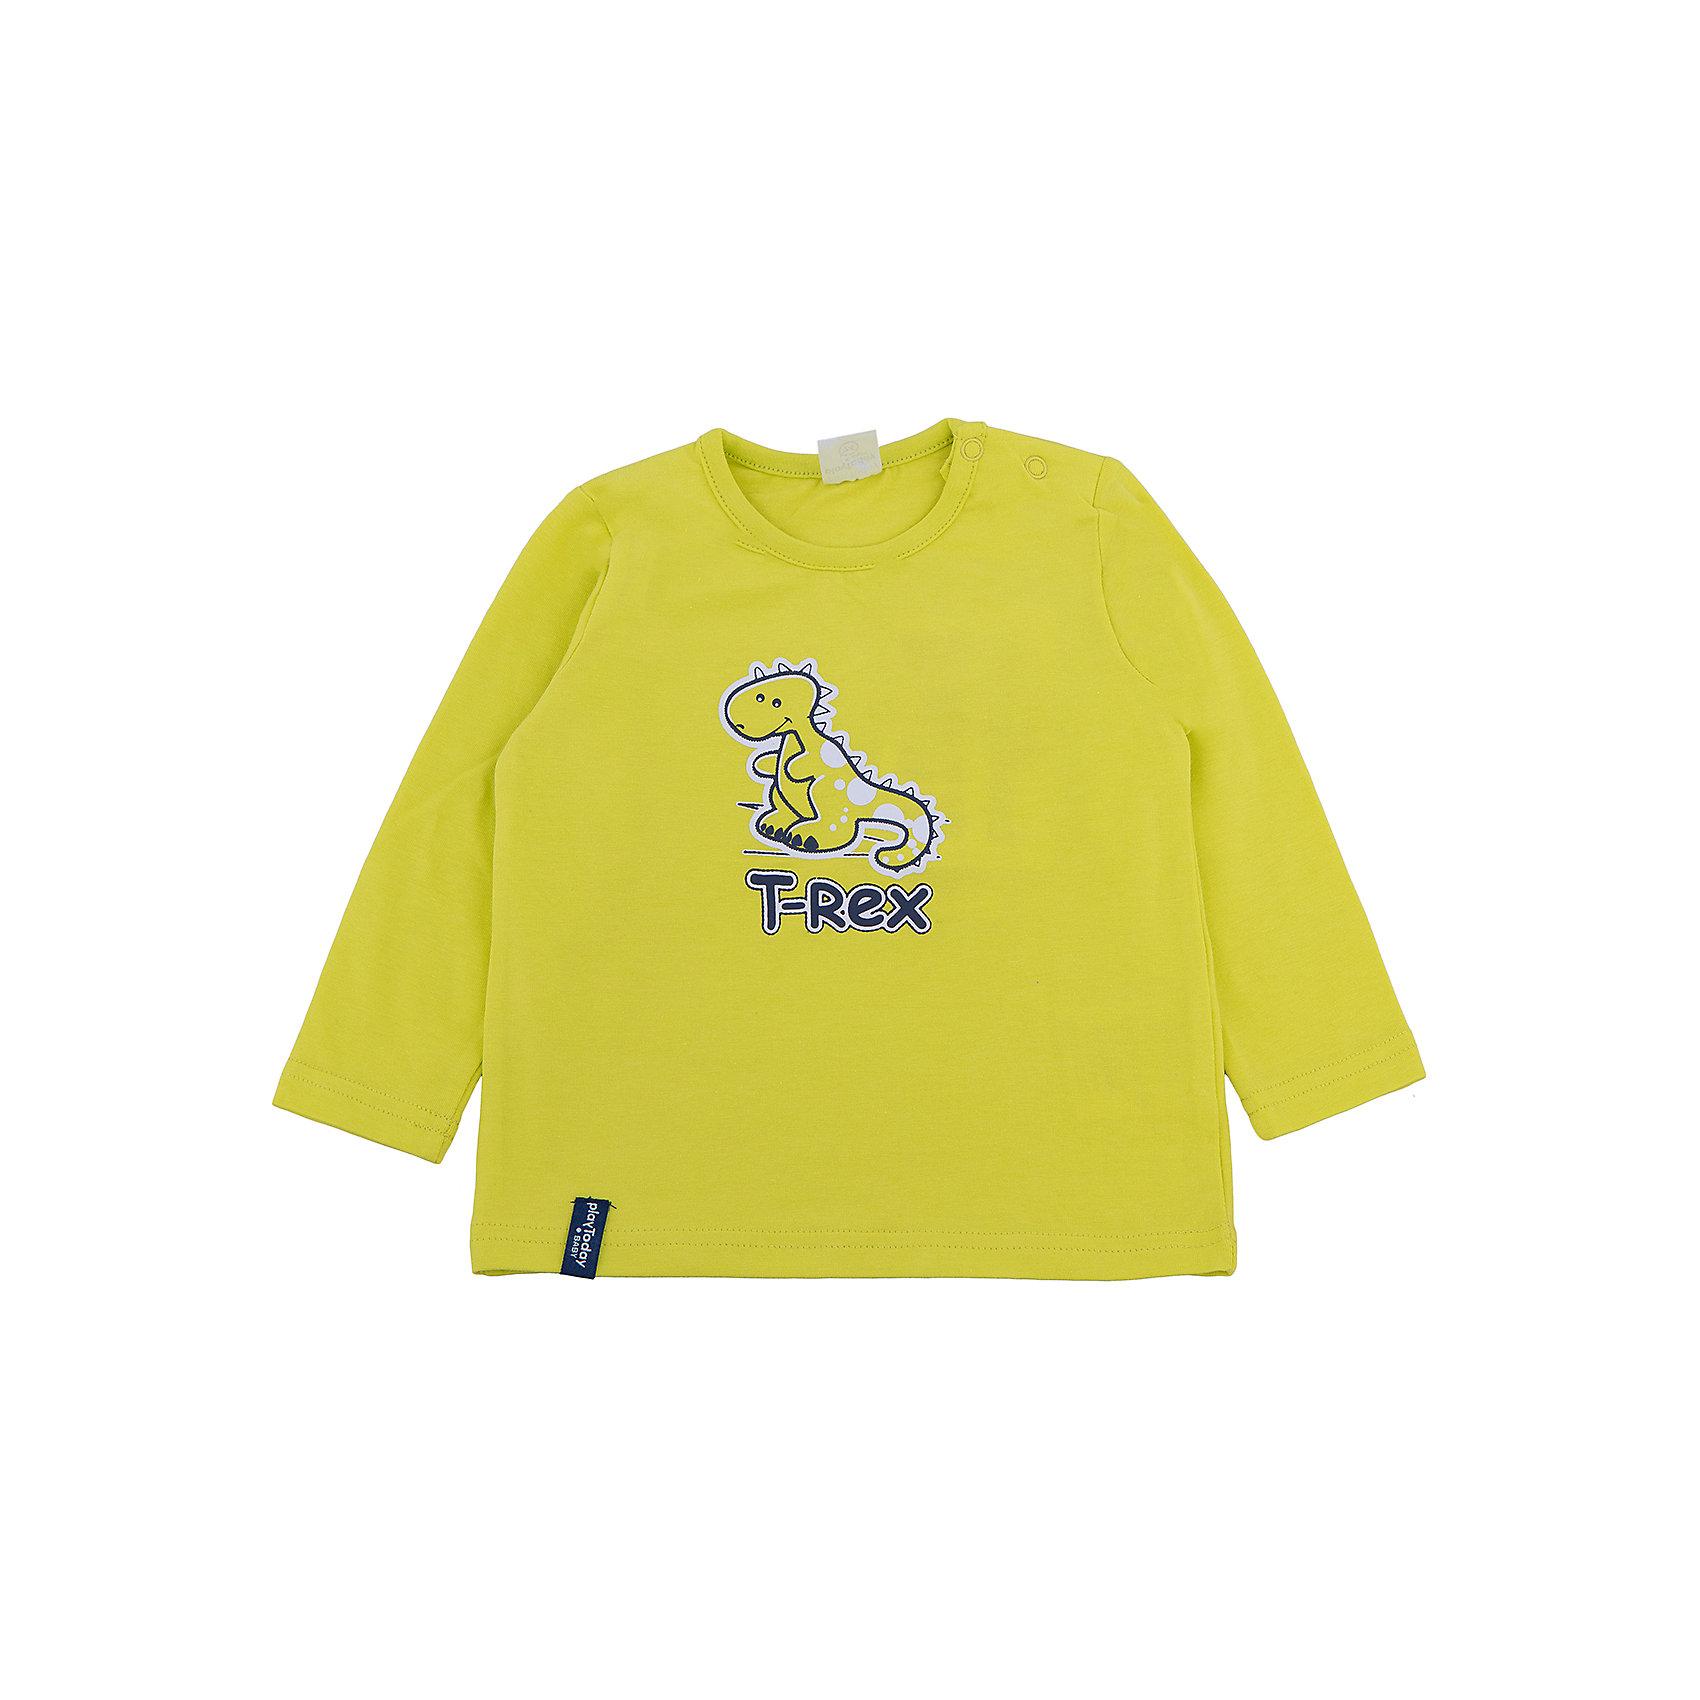 PlayToday Футболка с длинным рукавом для мальчика PlayToday футболка с длинным рукавом для мальчика barkito трактор красная